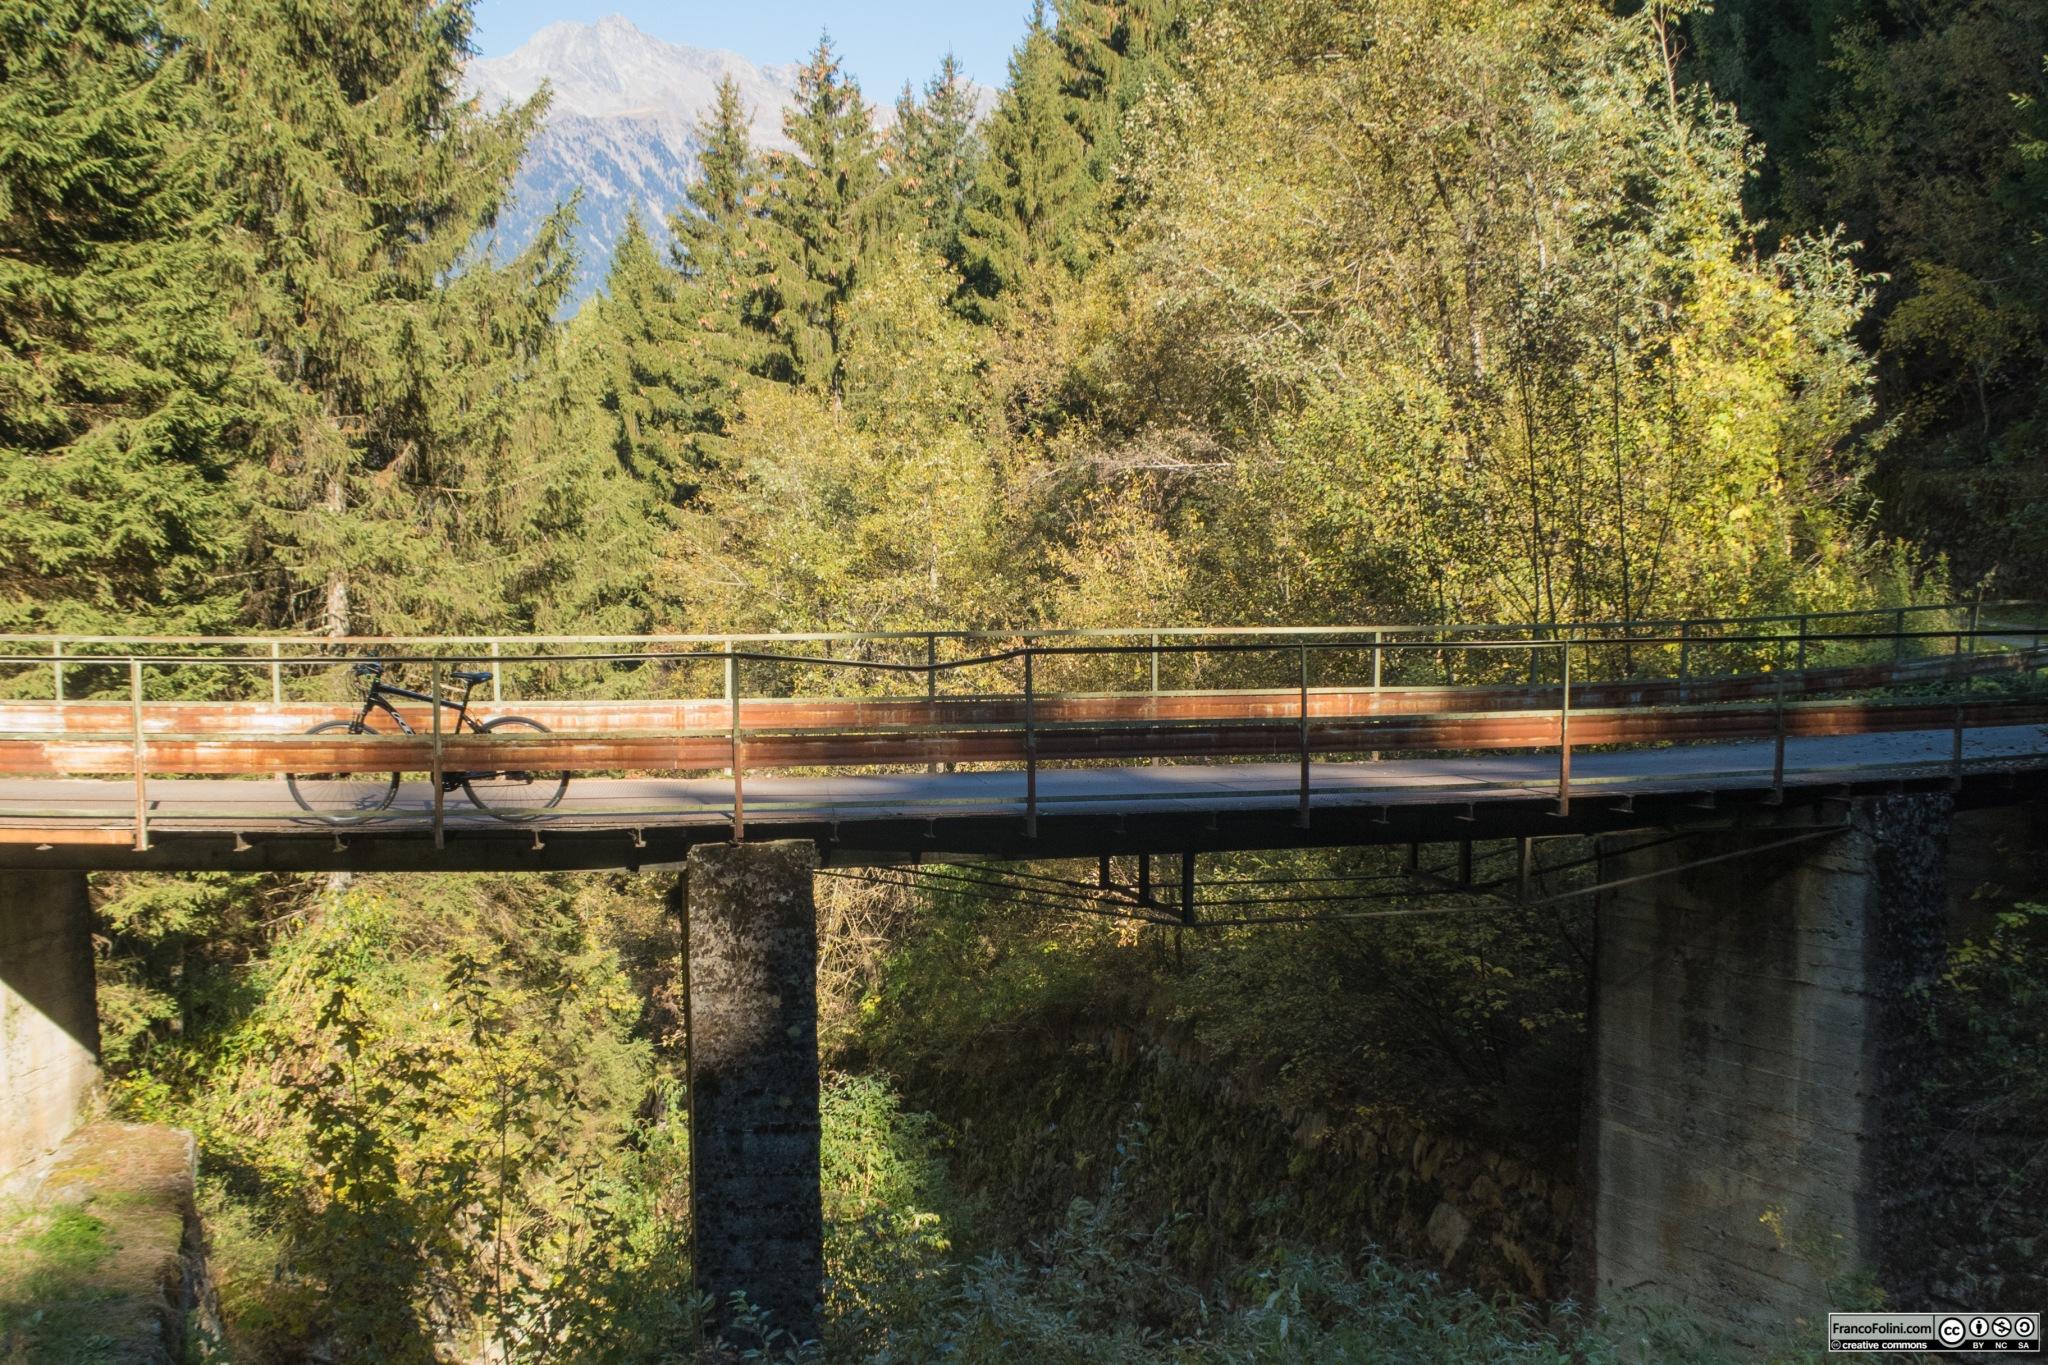 La decauville attraversa splendidi boschi e scavalca piccoli torrentelli con vecchi ponti in metallo.